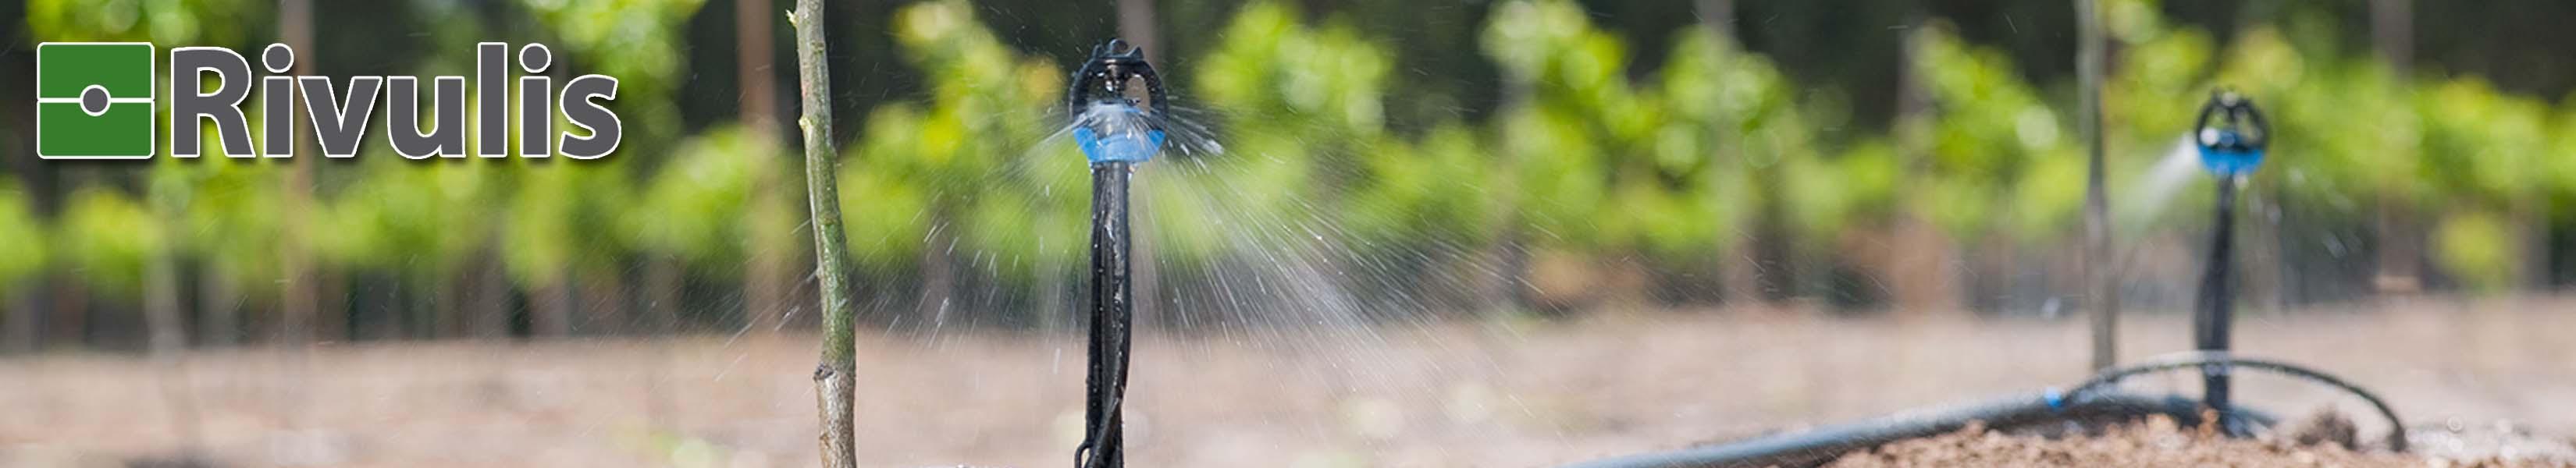 Sprinklers & Sprays